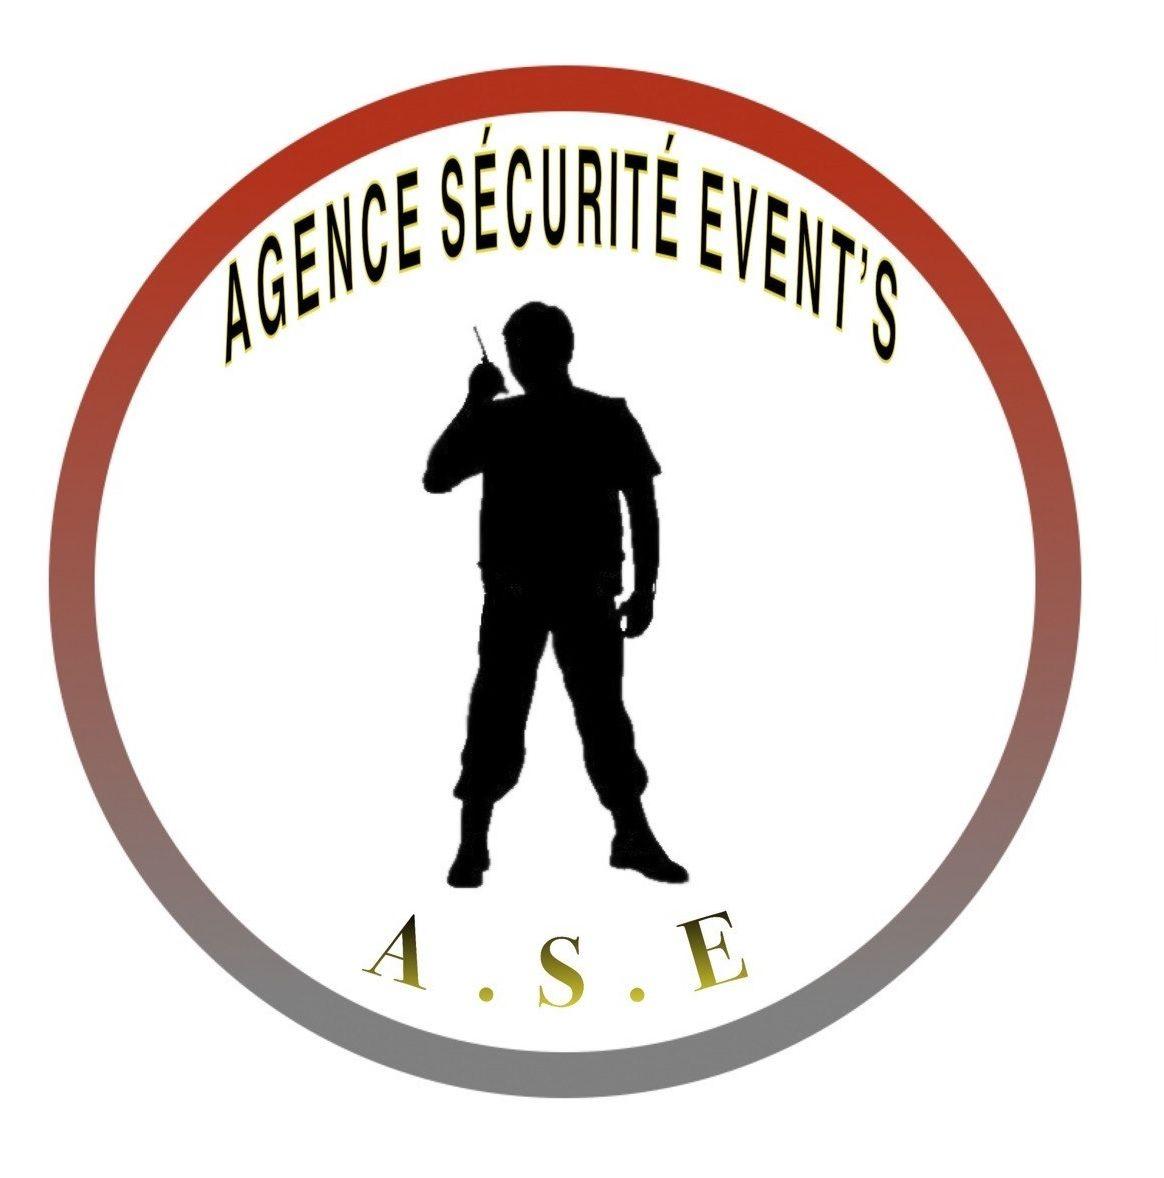 Agence Sécurité Event's ASE Equipements de sécurité